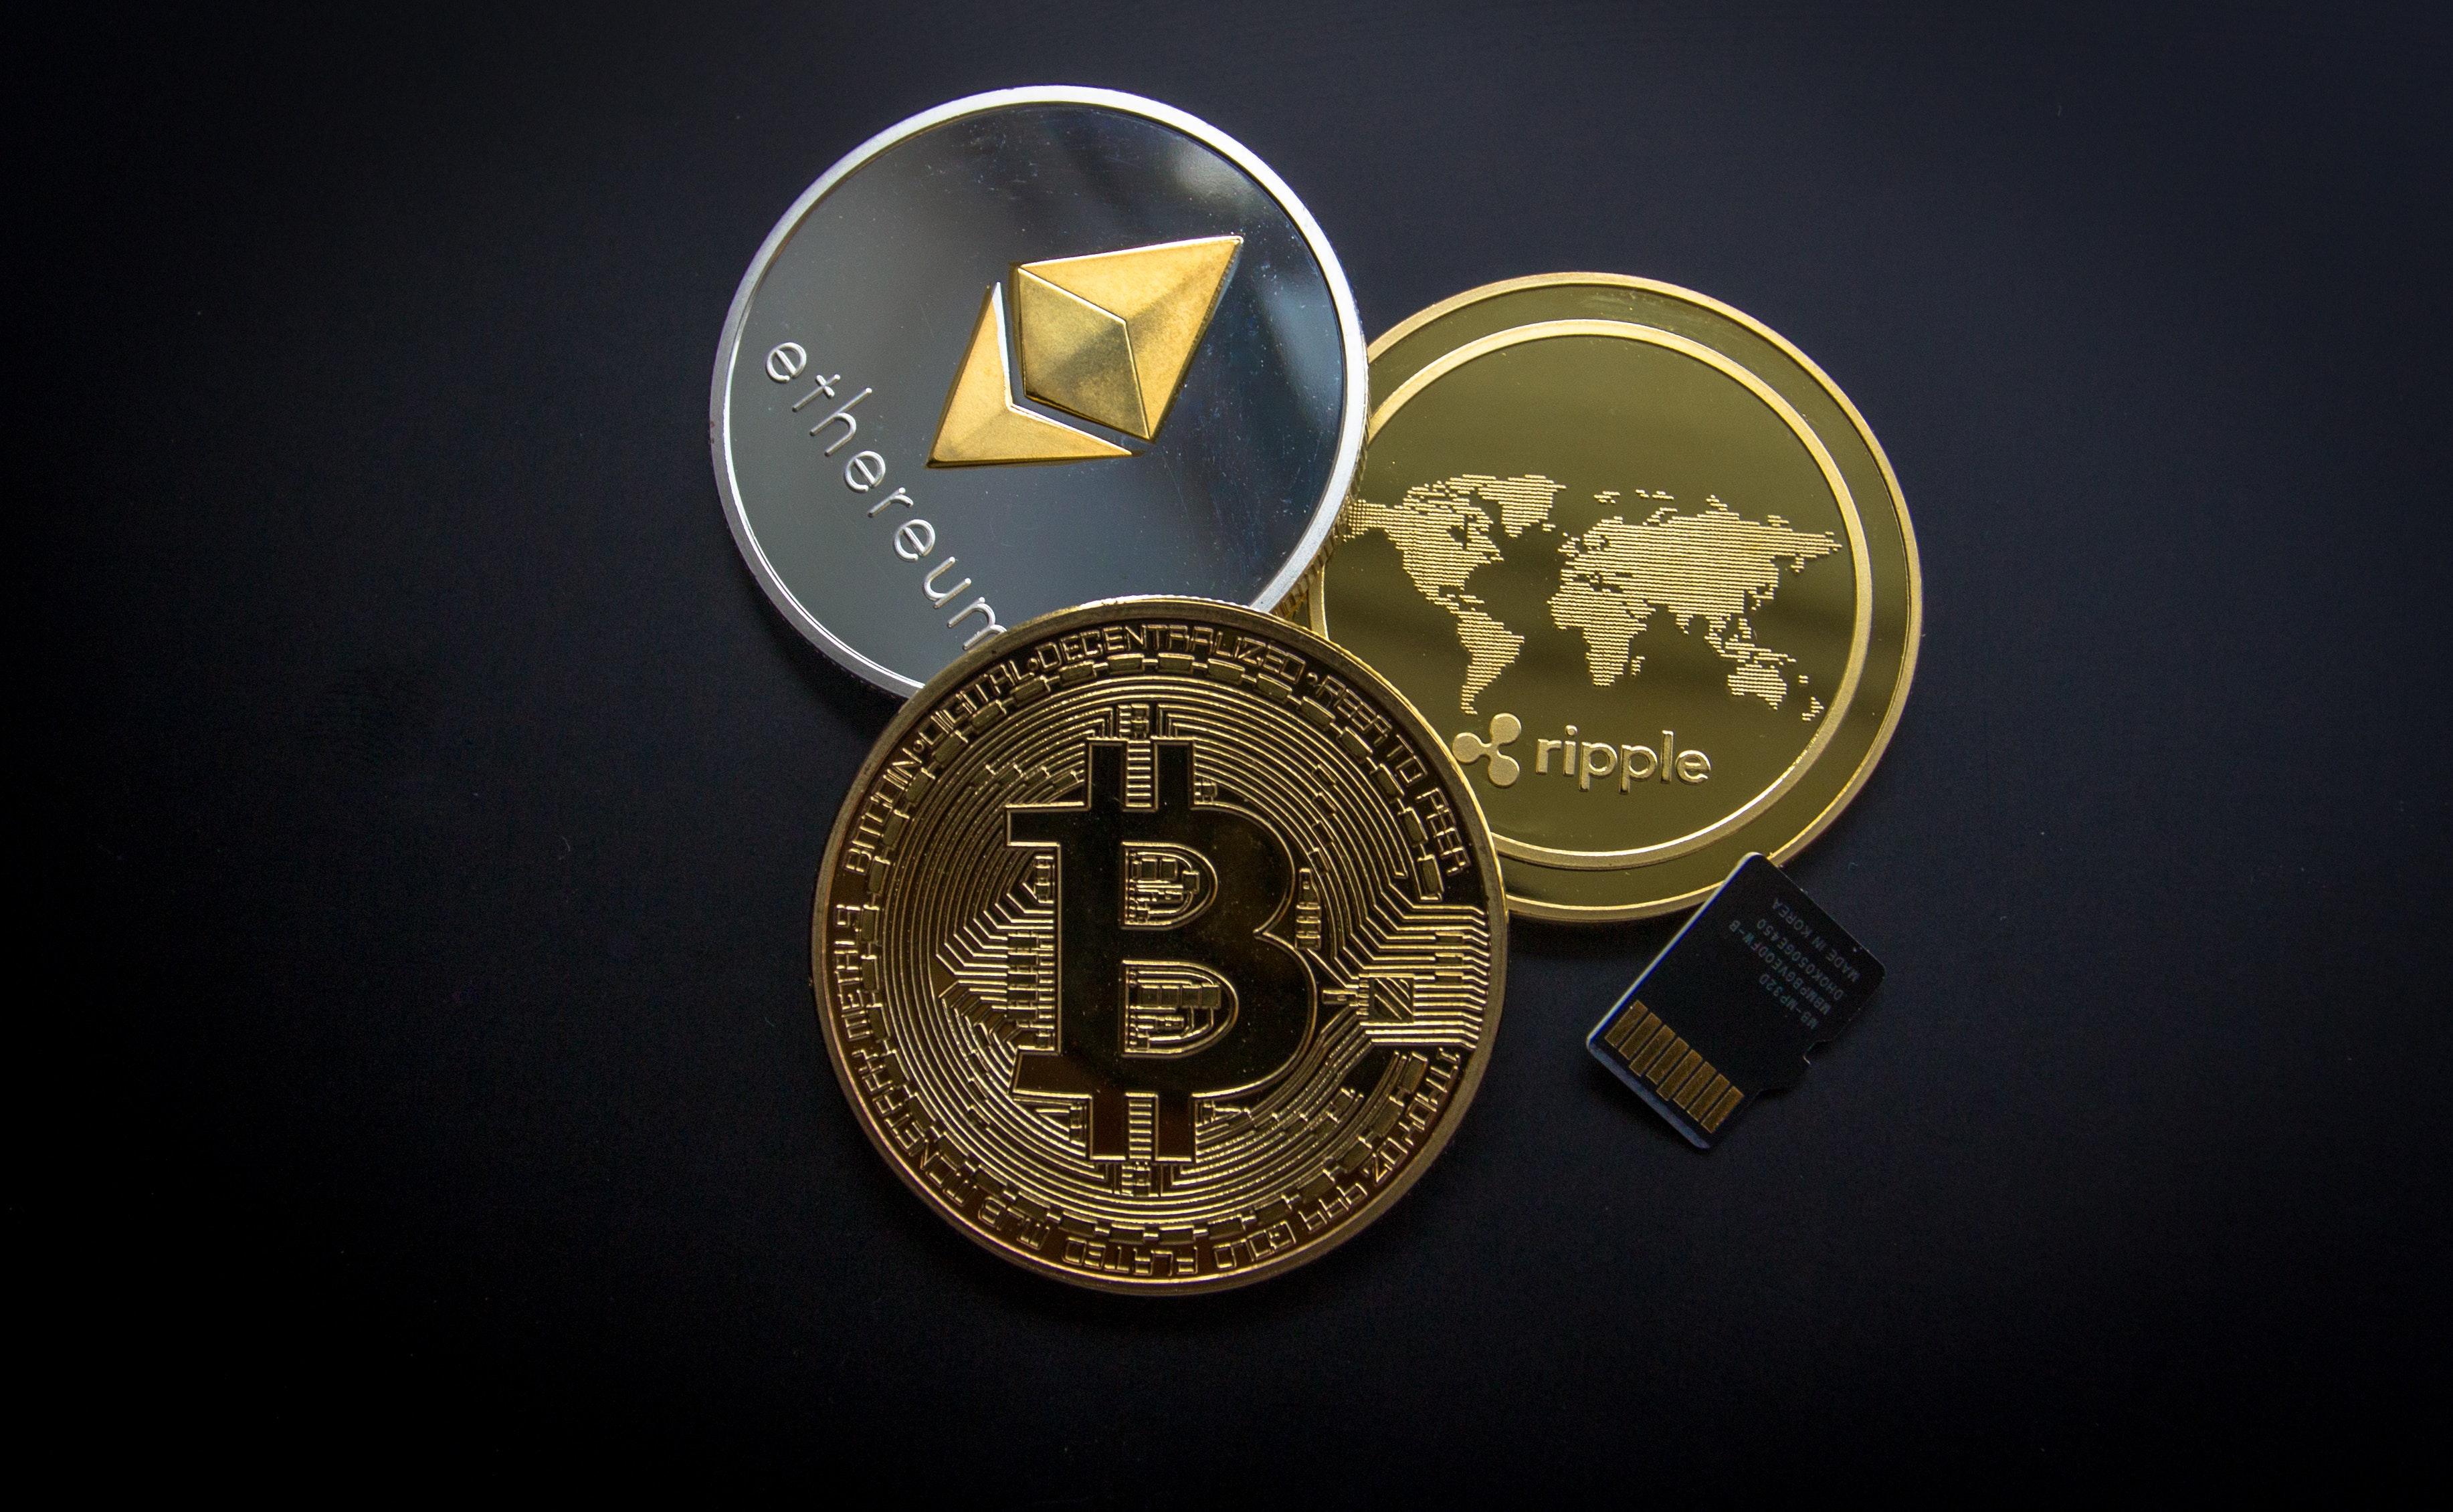 mit jelent a bitcoin hogyan lehet online pénzt keresni a fonókkal